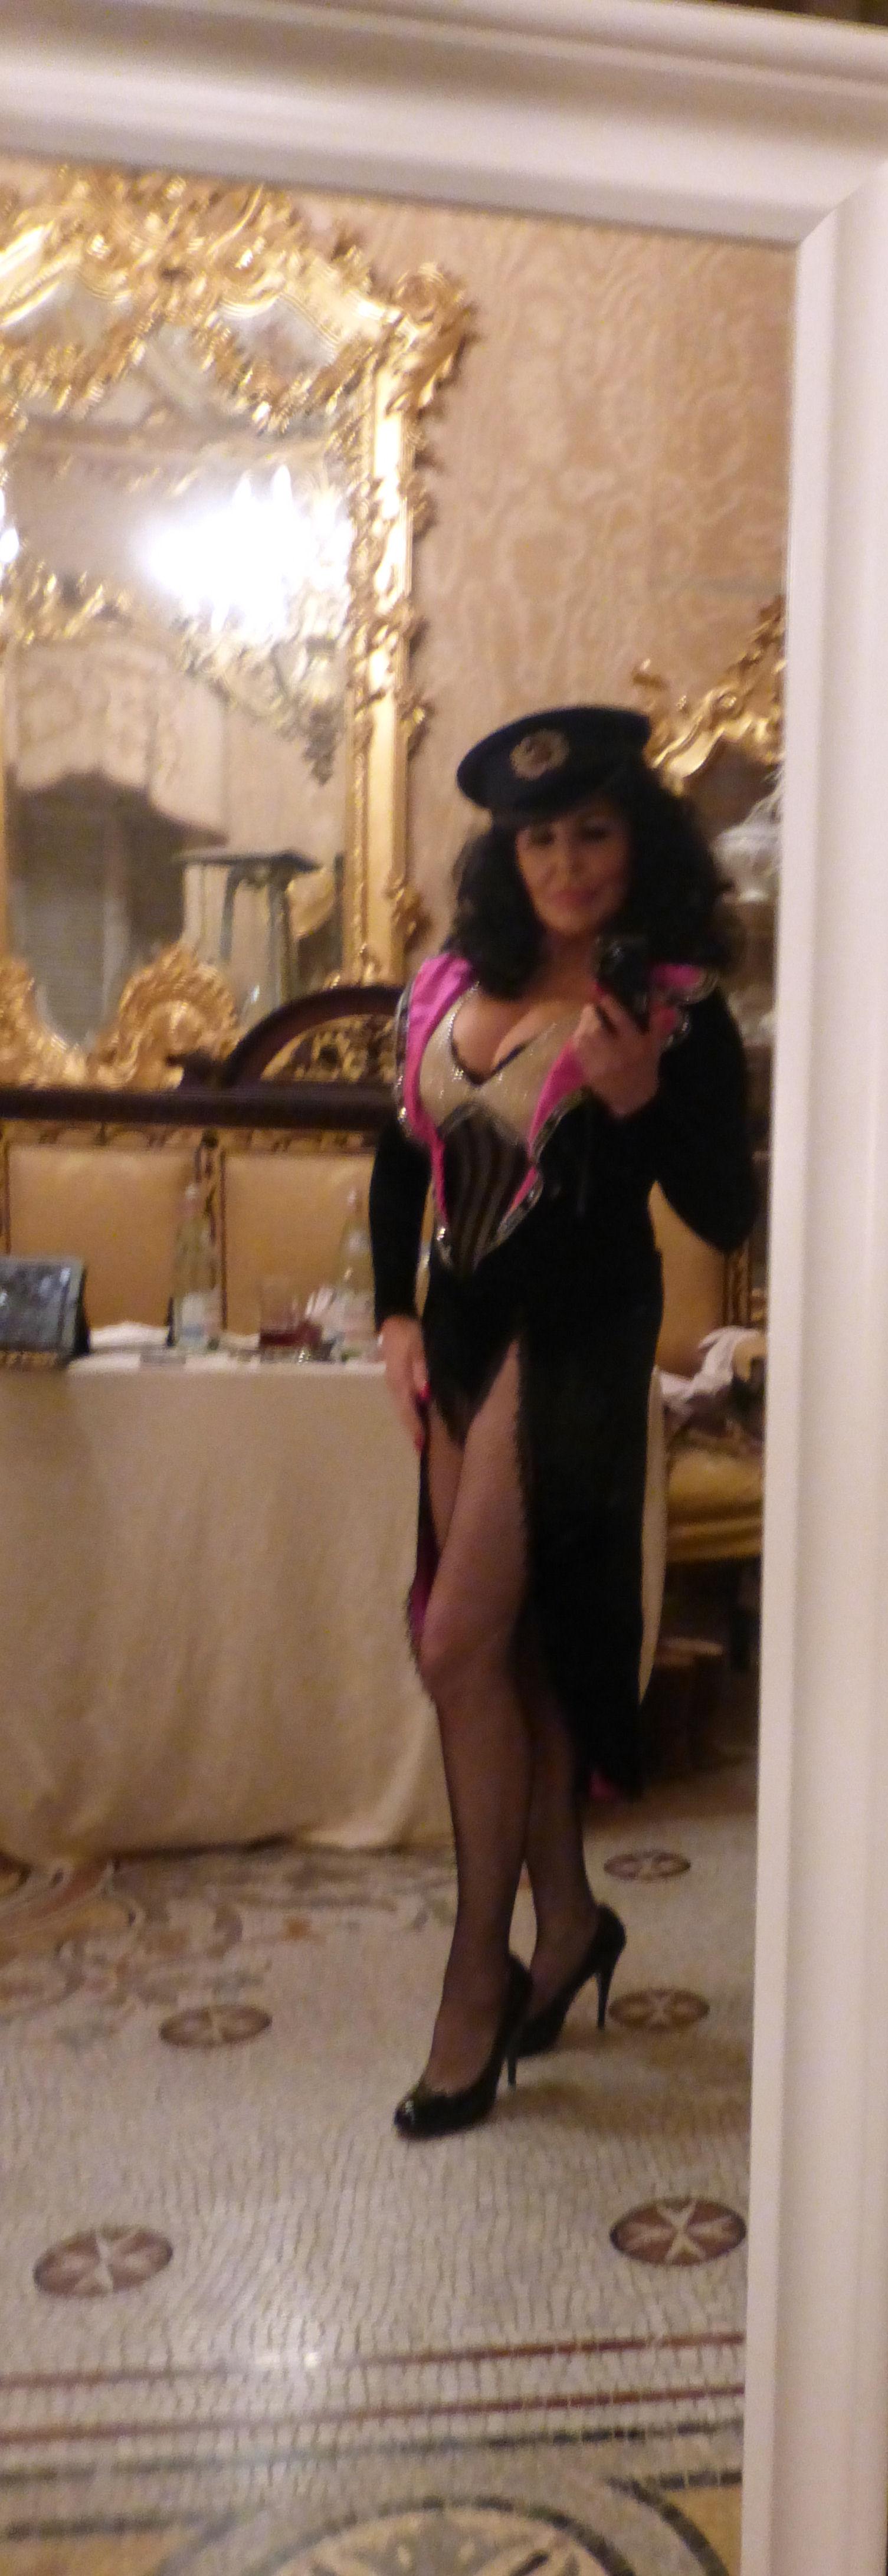 Cher Tribute Impersonator